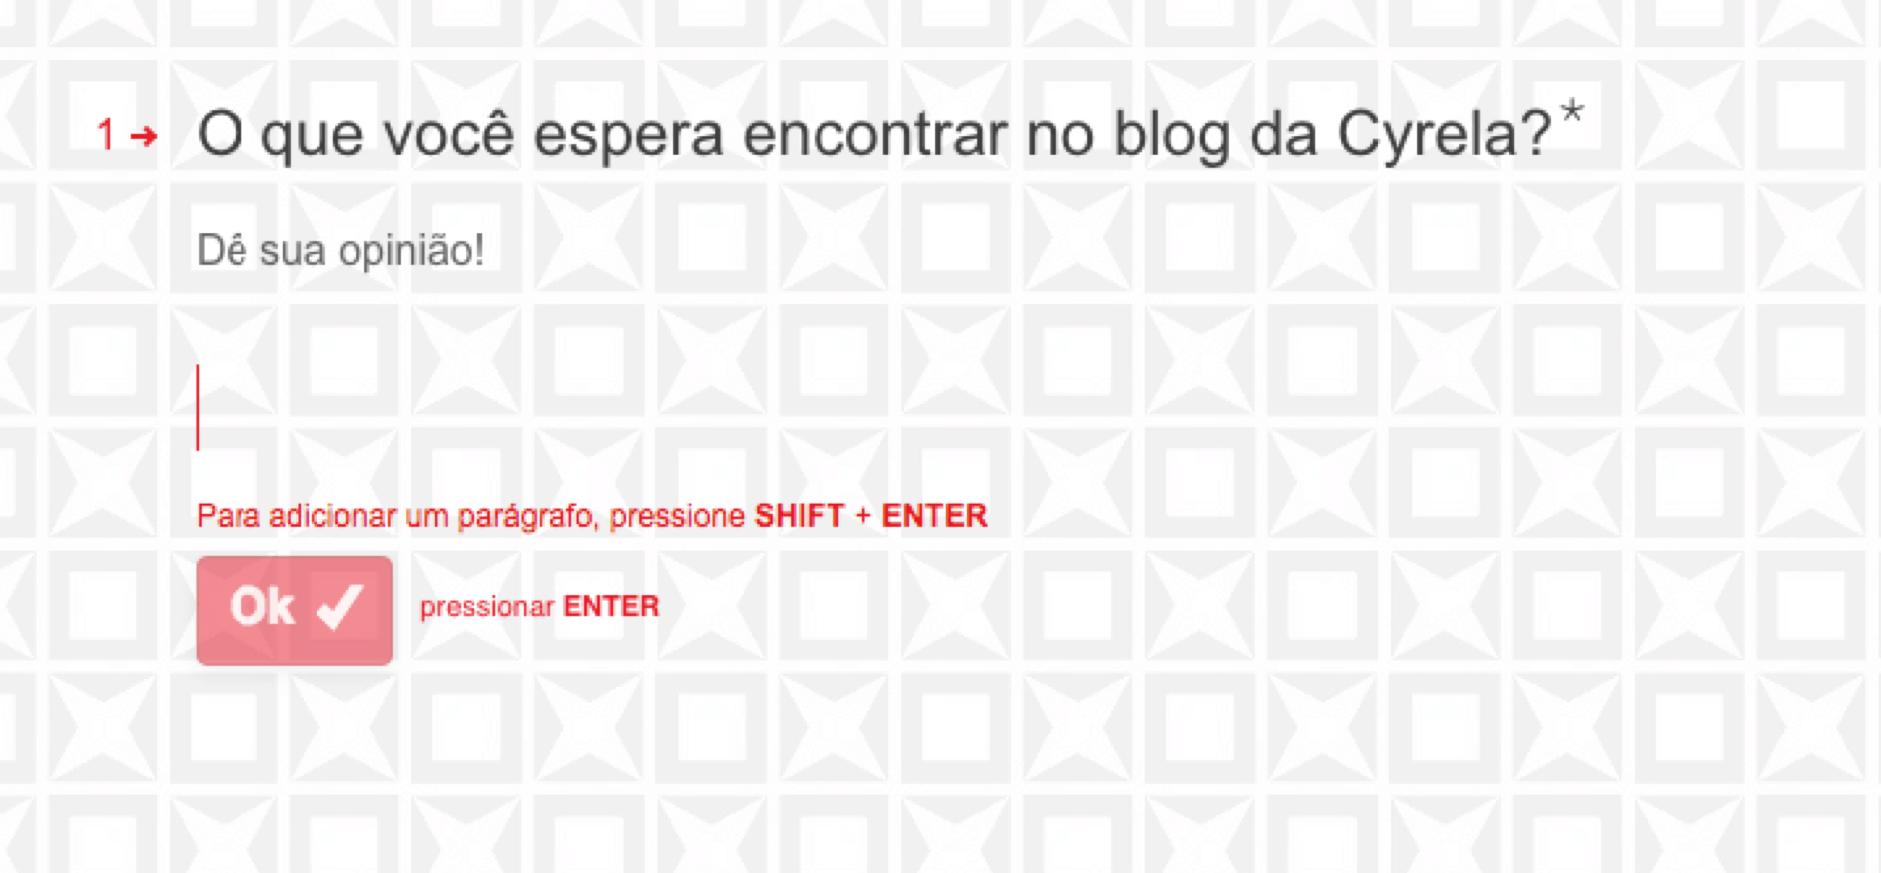 Questionário da Cyrela sobre novas propostas de conteúdo